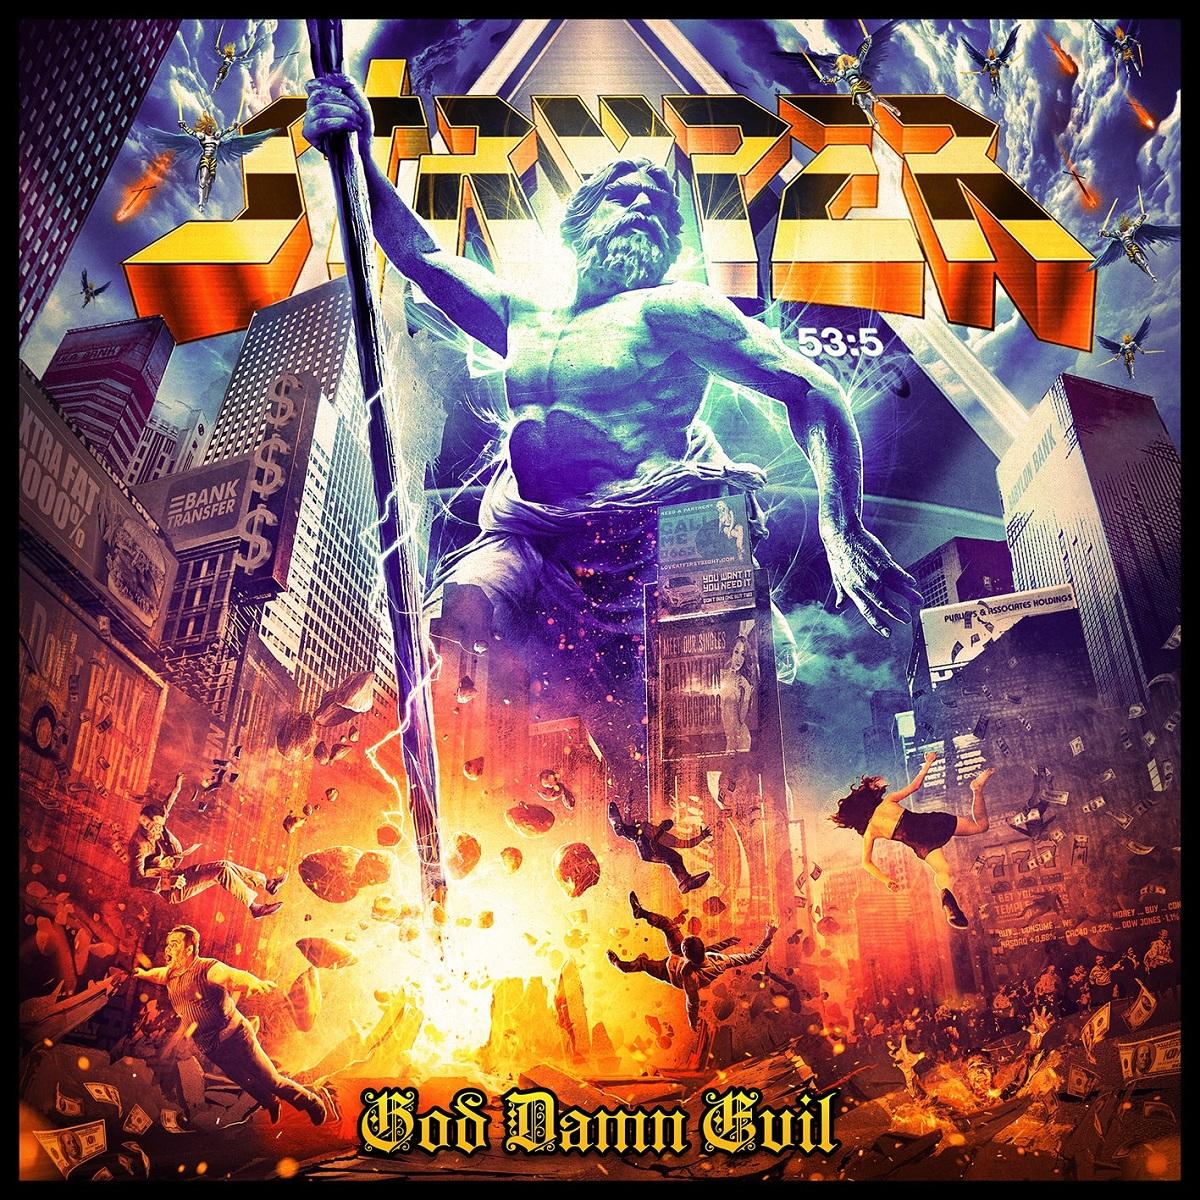 Stryper album cover courtesy of Jeffrey Podoshen